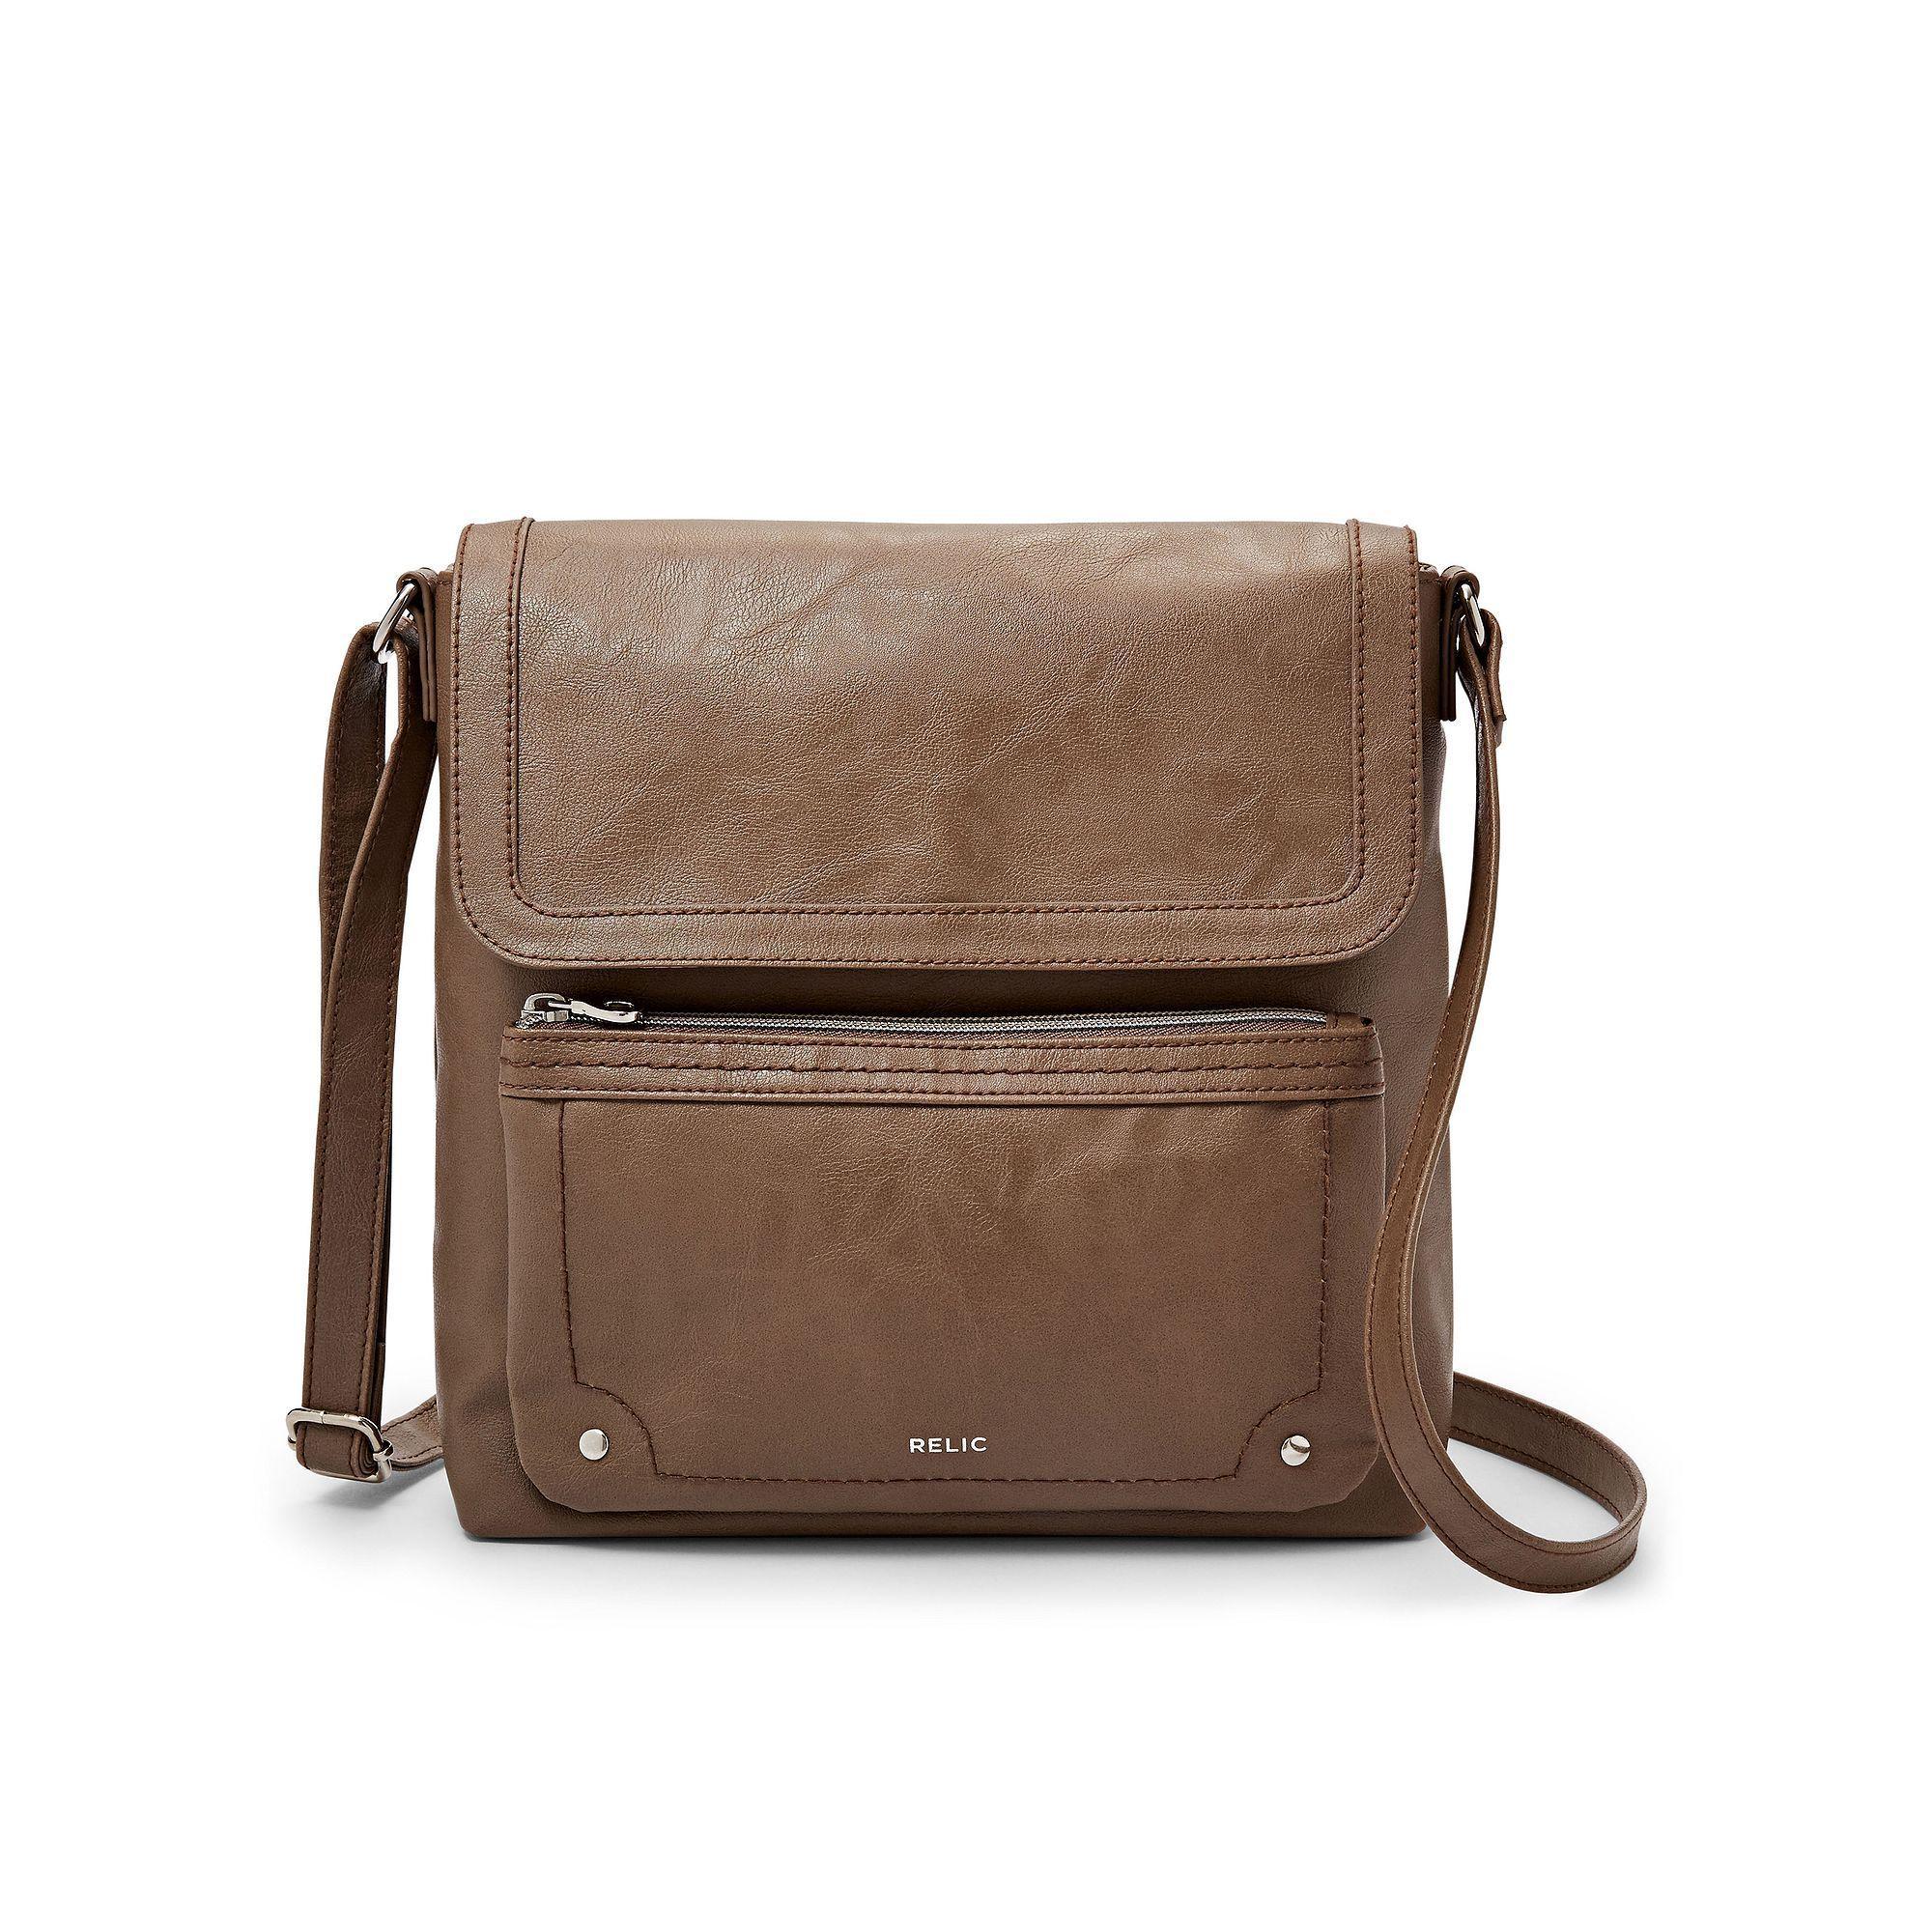 7af6df0d056 Relics Evie Flap Crossbody Bag   Products   Crossbody bag, Bags ...